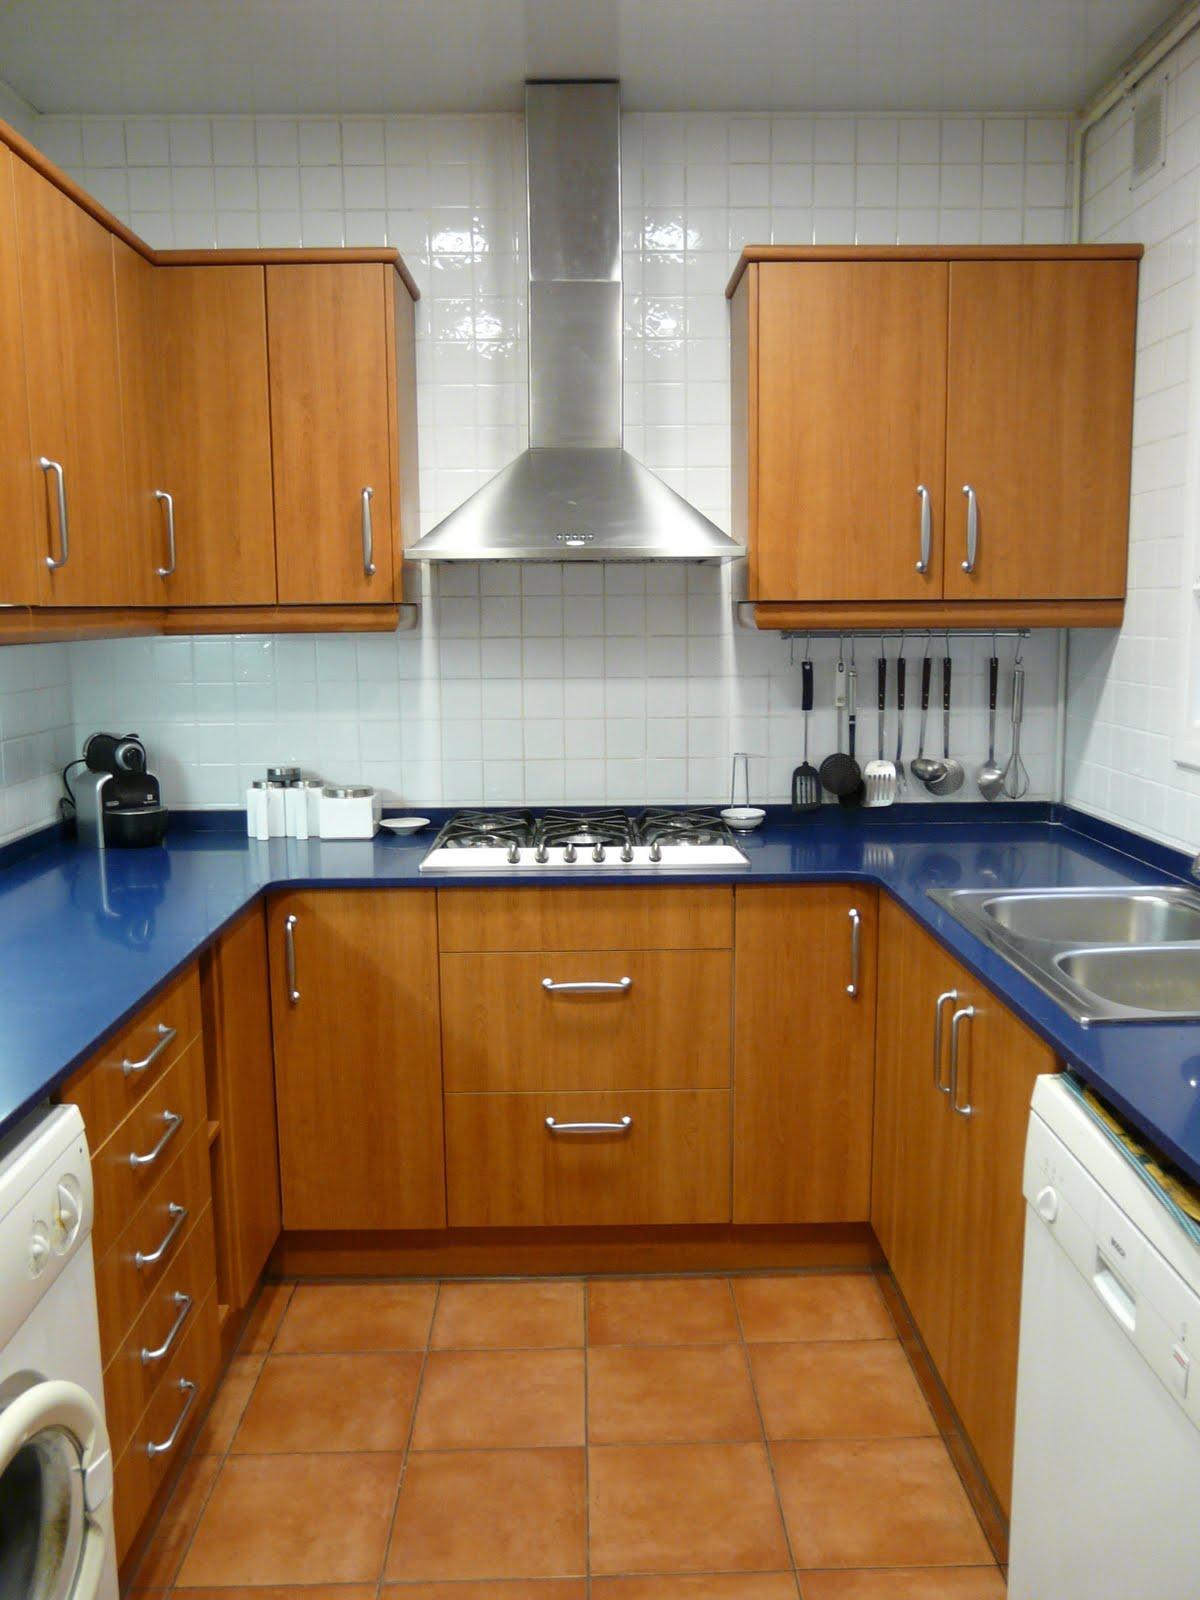 Kapa study cocina azul - Cocinas en forma de u ...